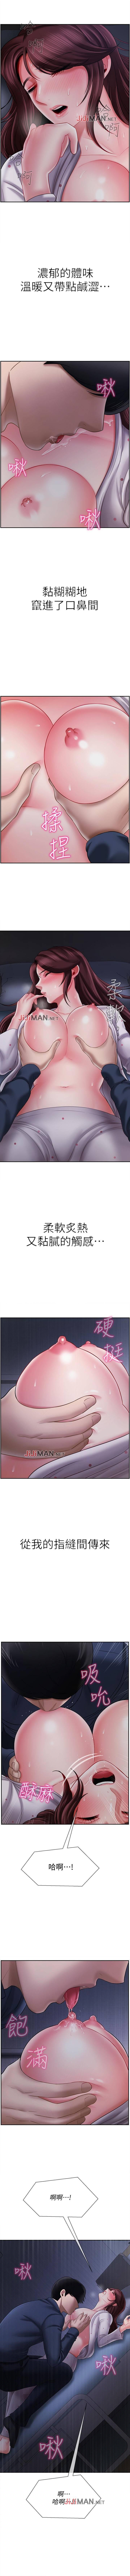 【已休刊】坏老师(作者:朴世談&福) 第1~31话 99